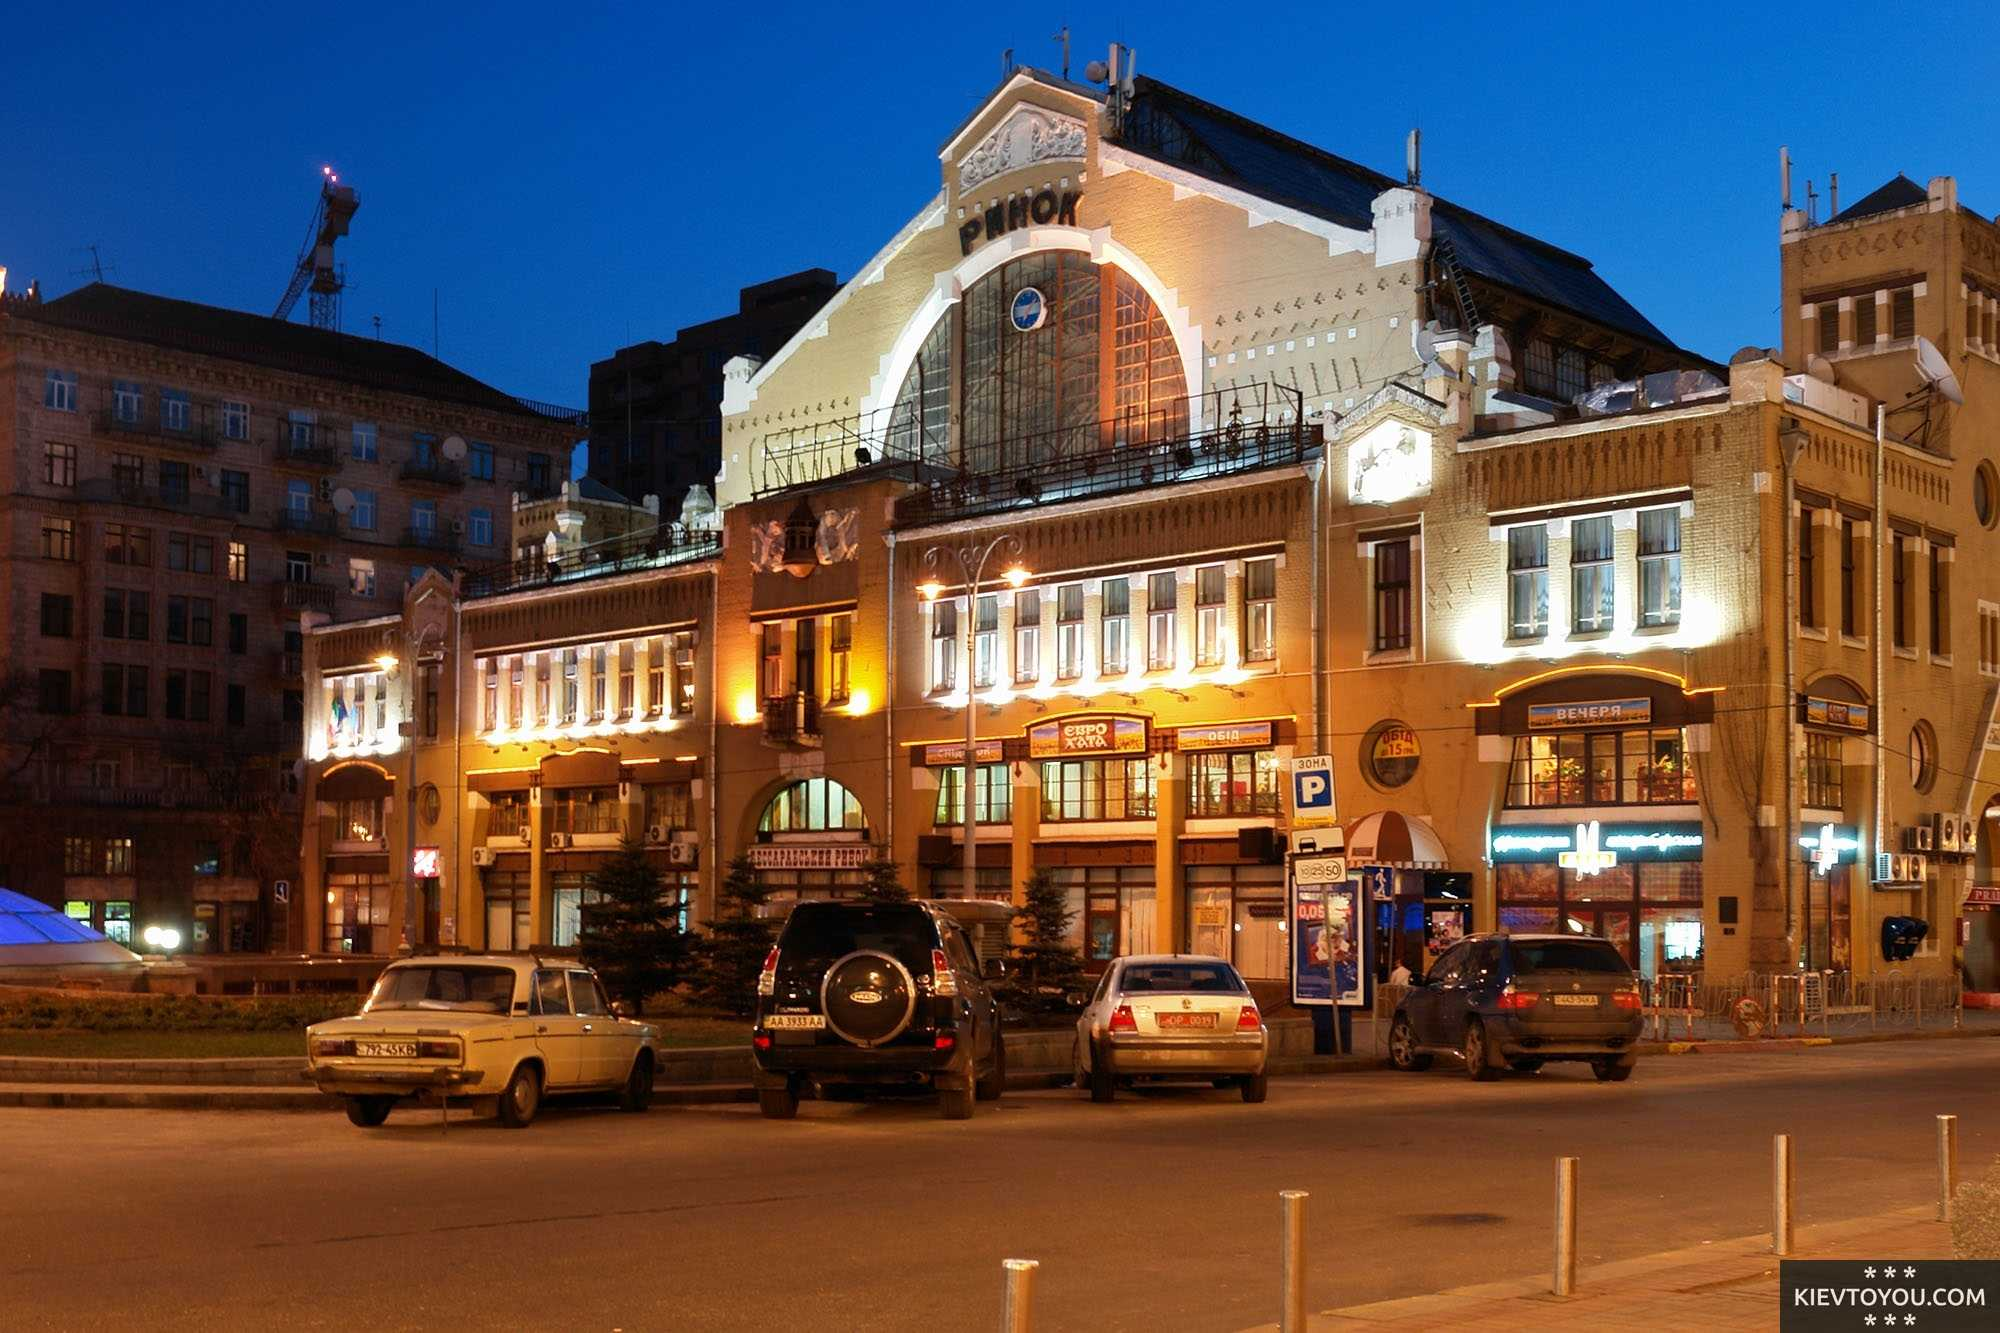 Бессарабский рынок в Киеве является не только старинным, но и самым дорогим